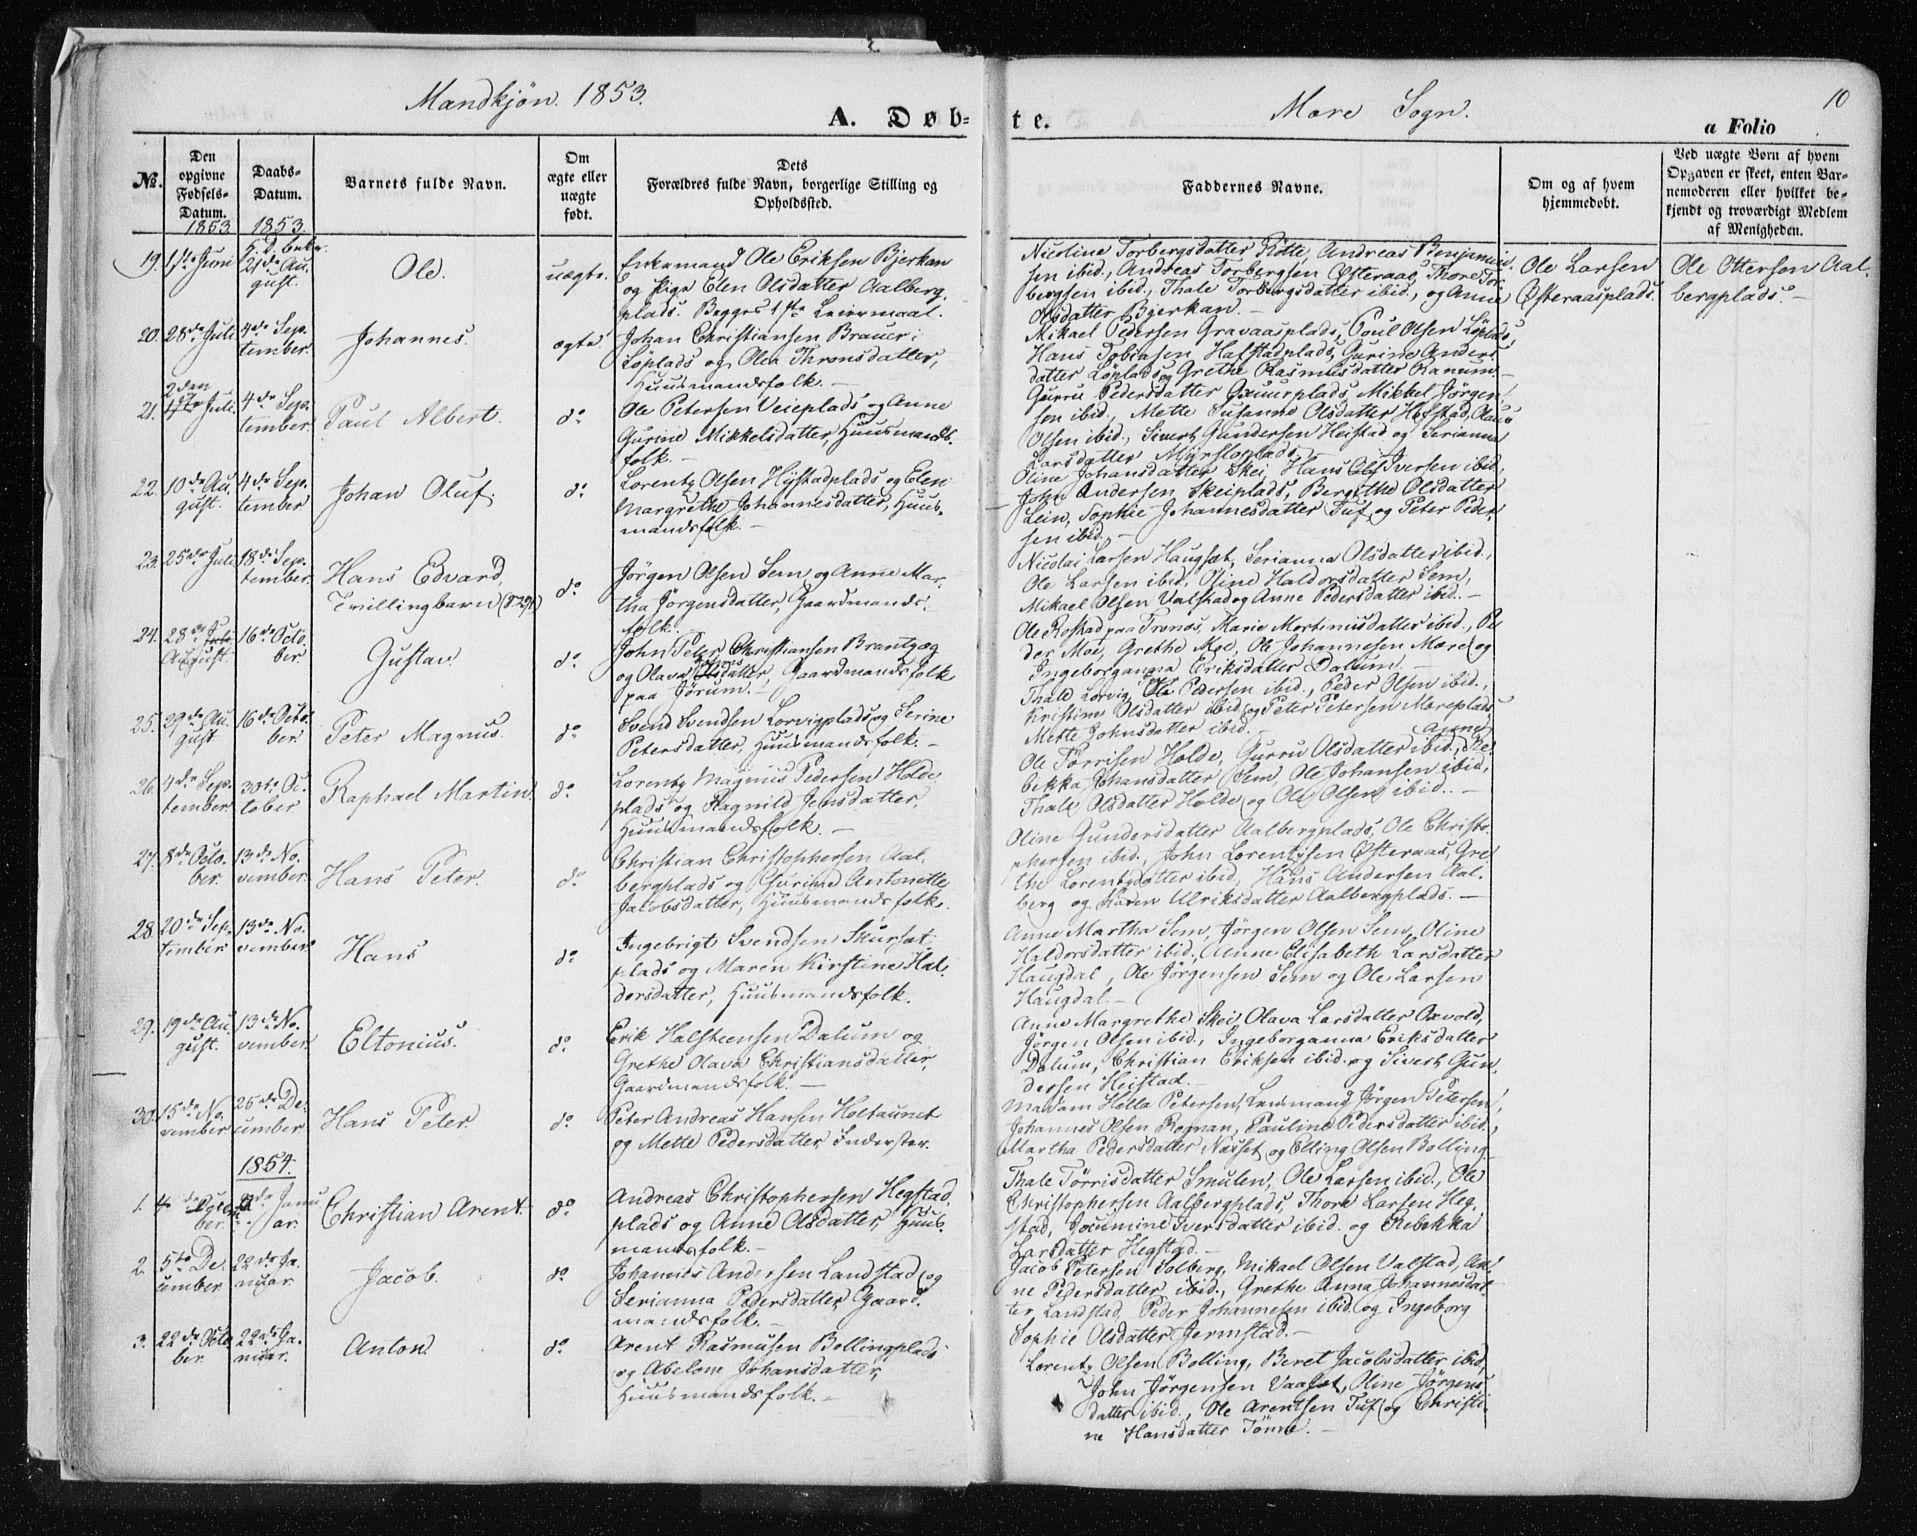 SAT, Ministerialprotokoller, klokkerbøker og fødselsregistre - Nord-Trøndelag, 735/L0342: Ministerialbok nr. 735A07 /1, 1849-1862, s. 10